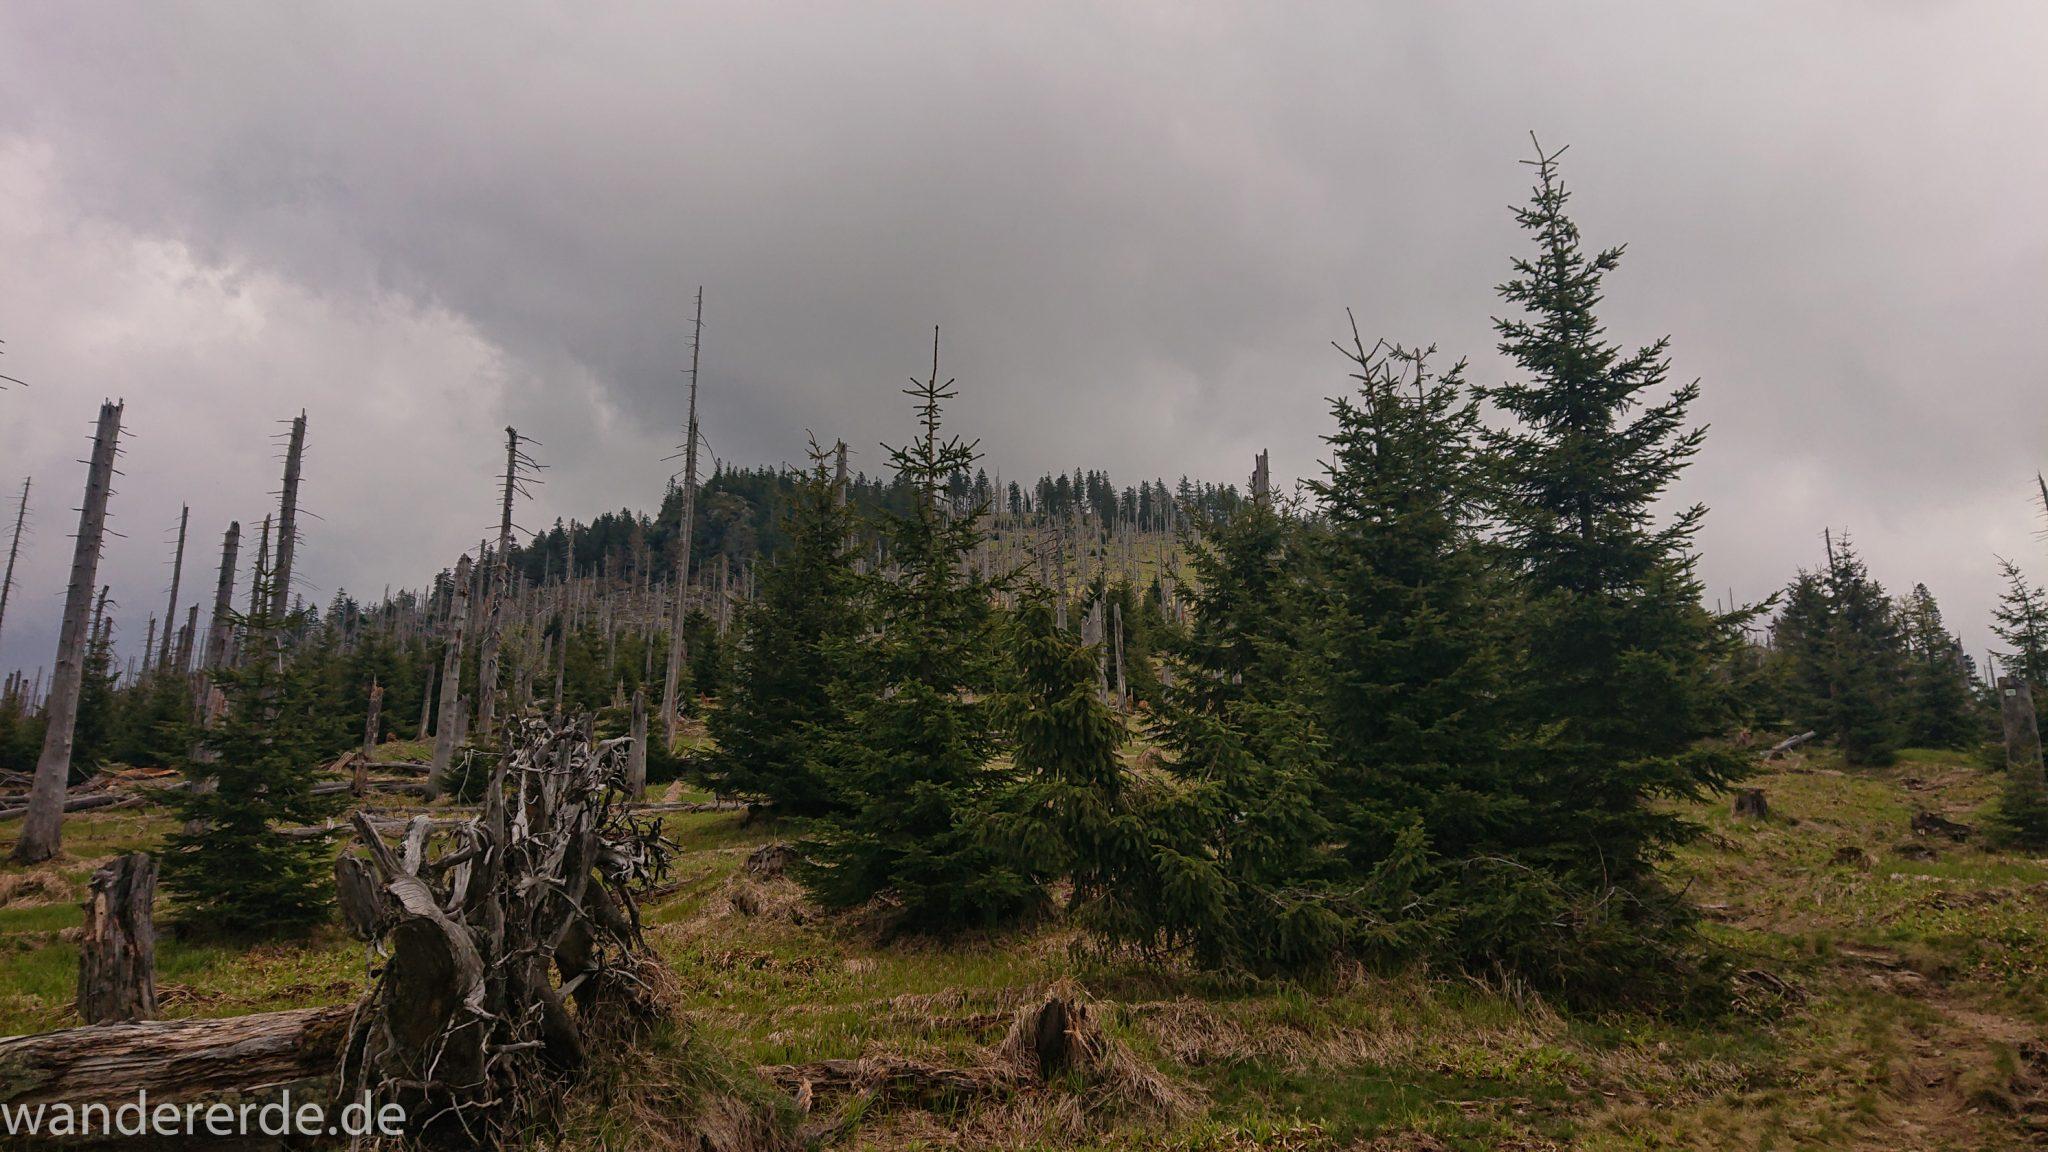 Wanderung Großer Rachel im Nationalpark Bayerischer Wald, Start Parkplatz Oberfrauenau, abwechslungsreicher Wanderweg, umgefallene Bäume werden liegen gelassen, Zerstörung einiger Waldgebiete durch den Borkenkäfer